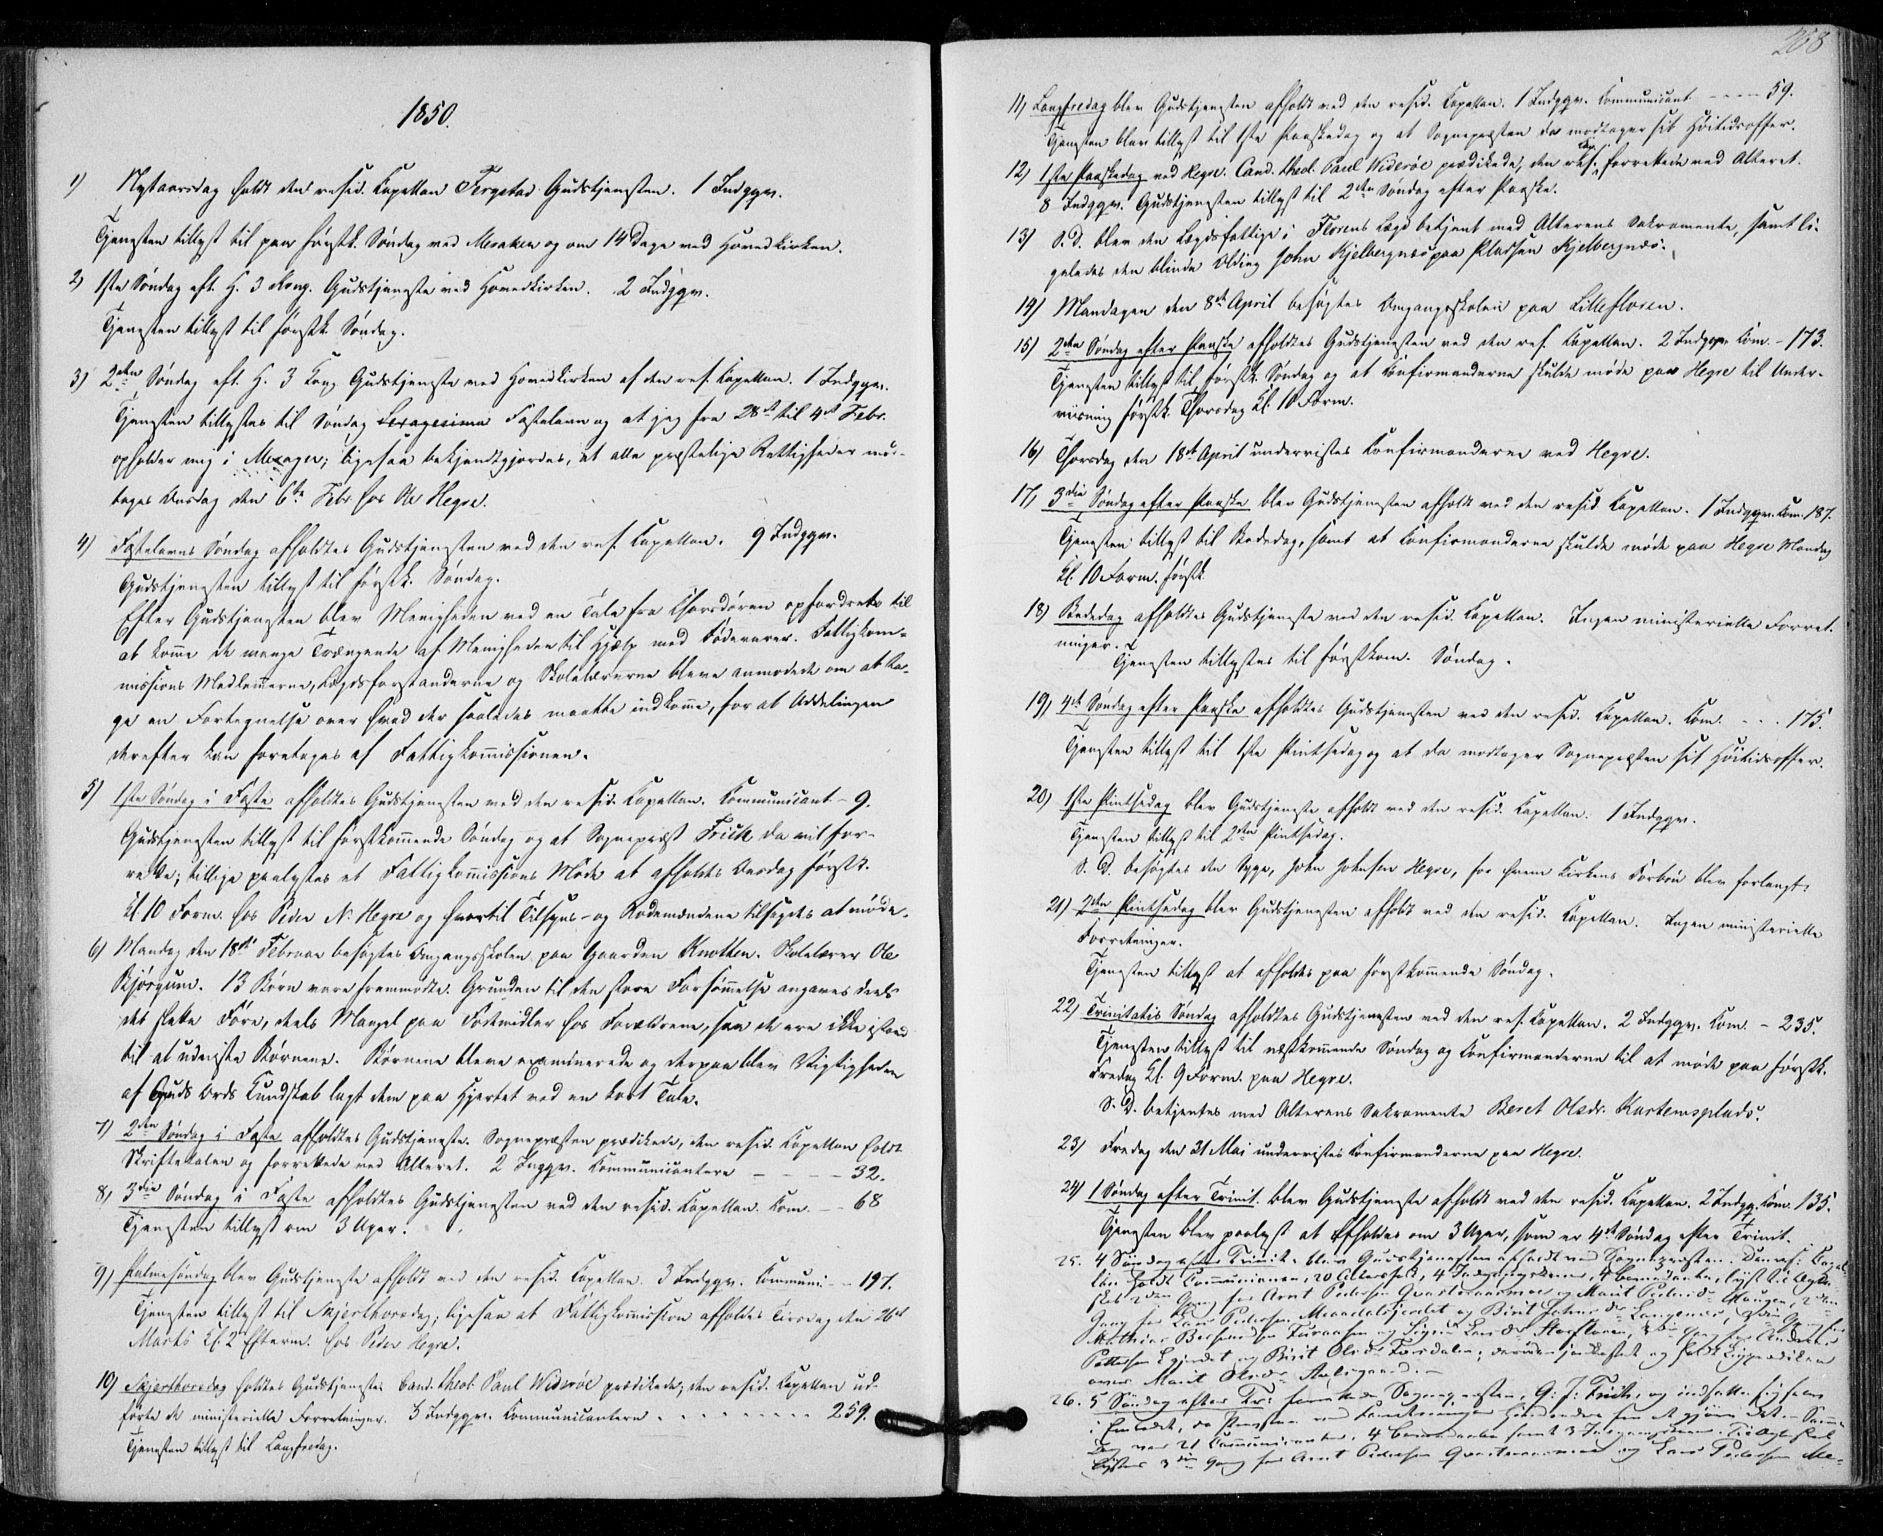 SAT, Ministerialprotokoller, klokkerbøker og fødselsregistre - Nord-Trøndelag, 703/L0028: Ministerialbok nr. 703A01, 1850-1862, s. 208